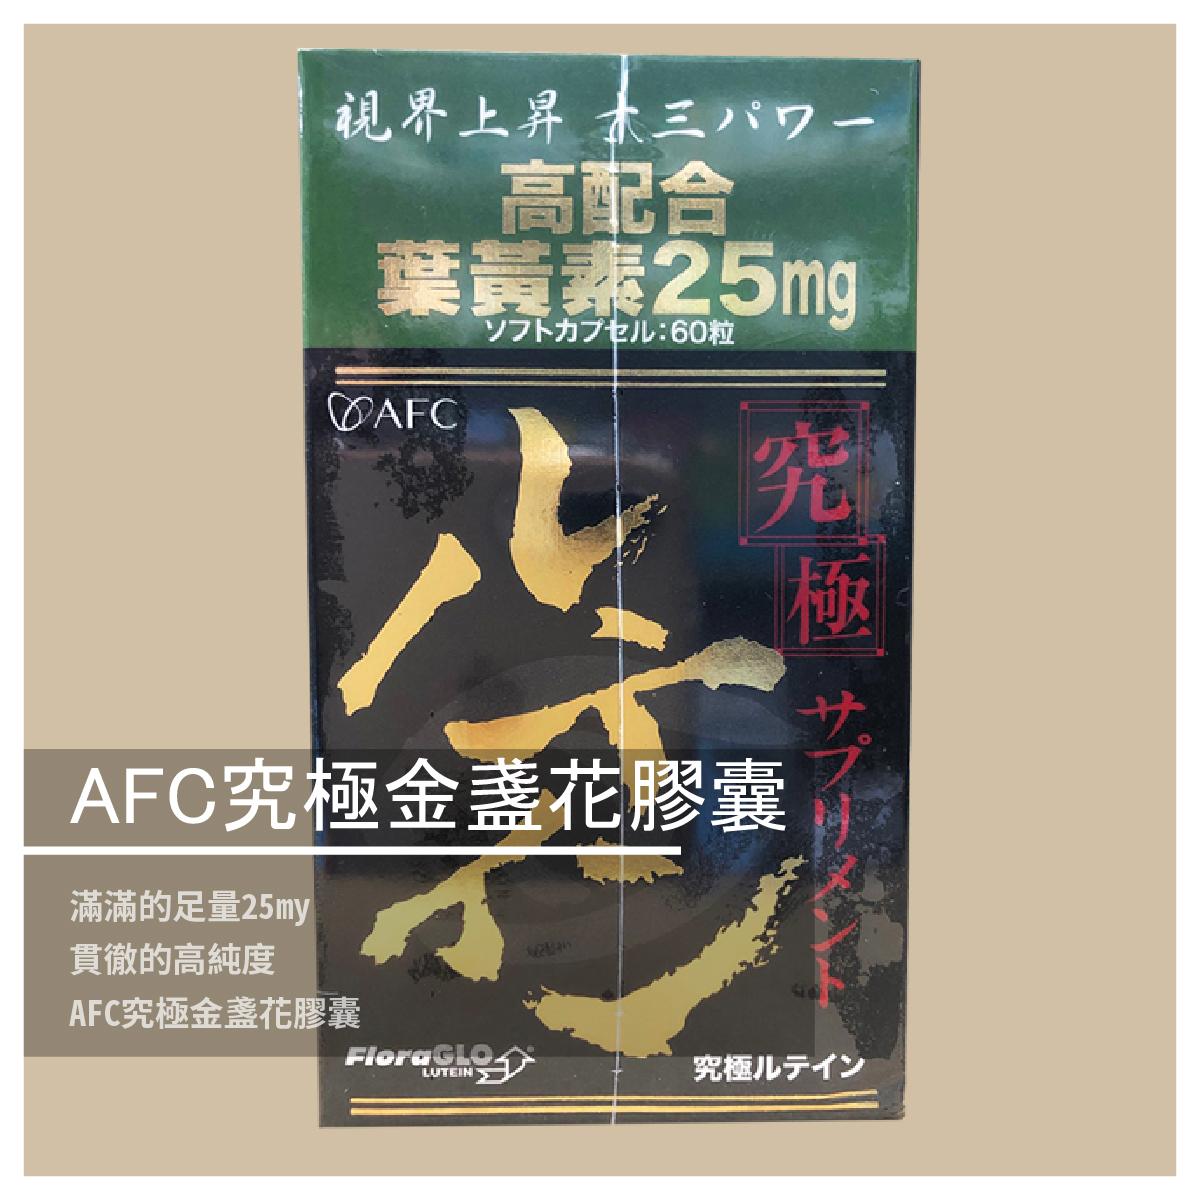 【詠邑藥局】AFC究極金盞花膠囊/盒